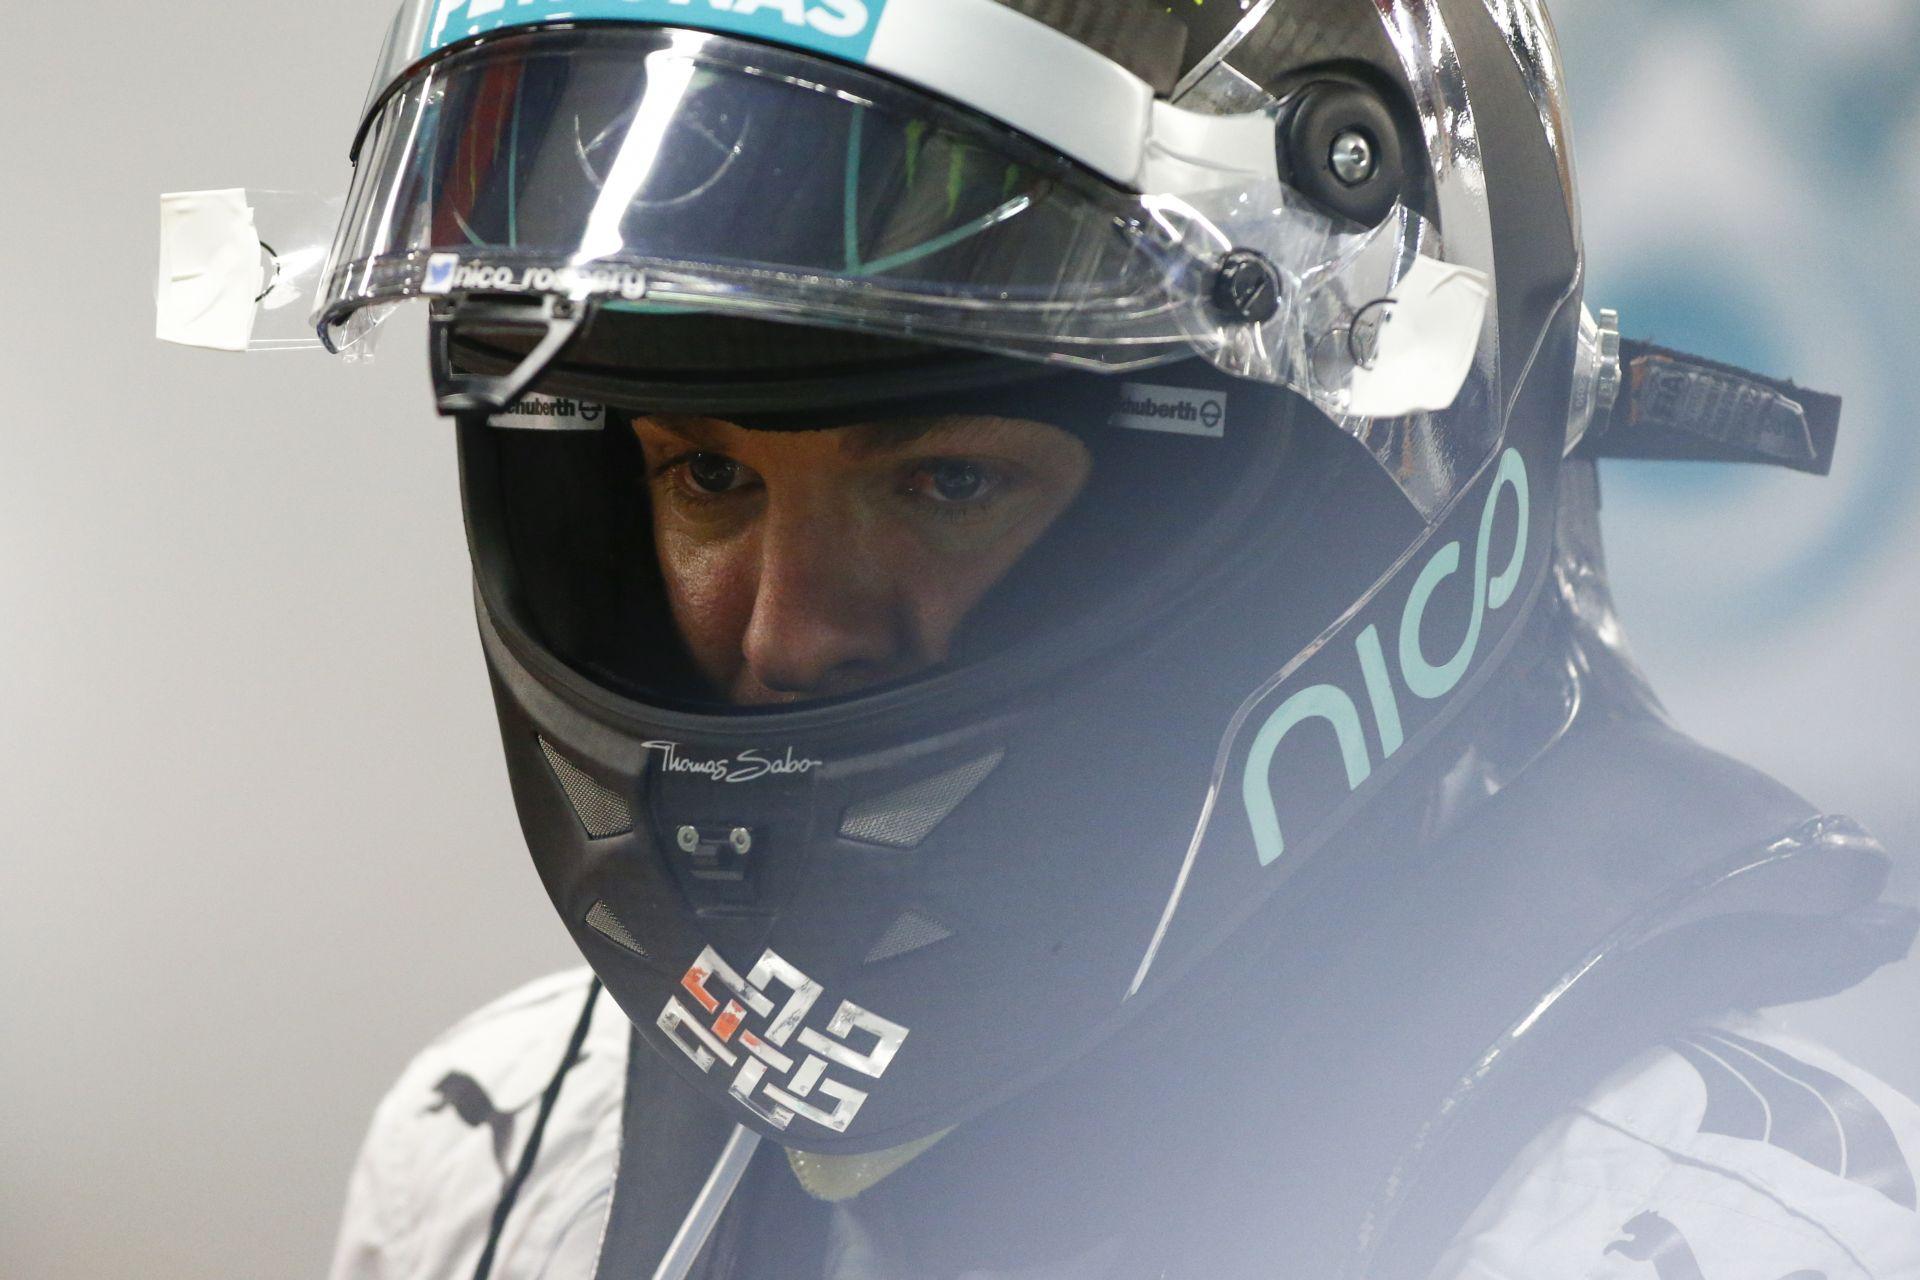 Rosberg hiába vesztette el az első helyét a bajnokságban, tudja, hogy még semmi sem dőlt el